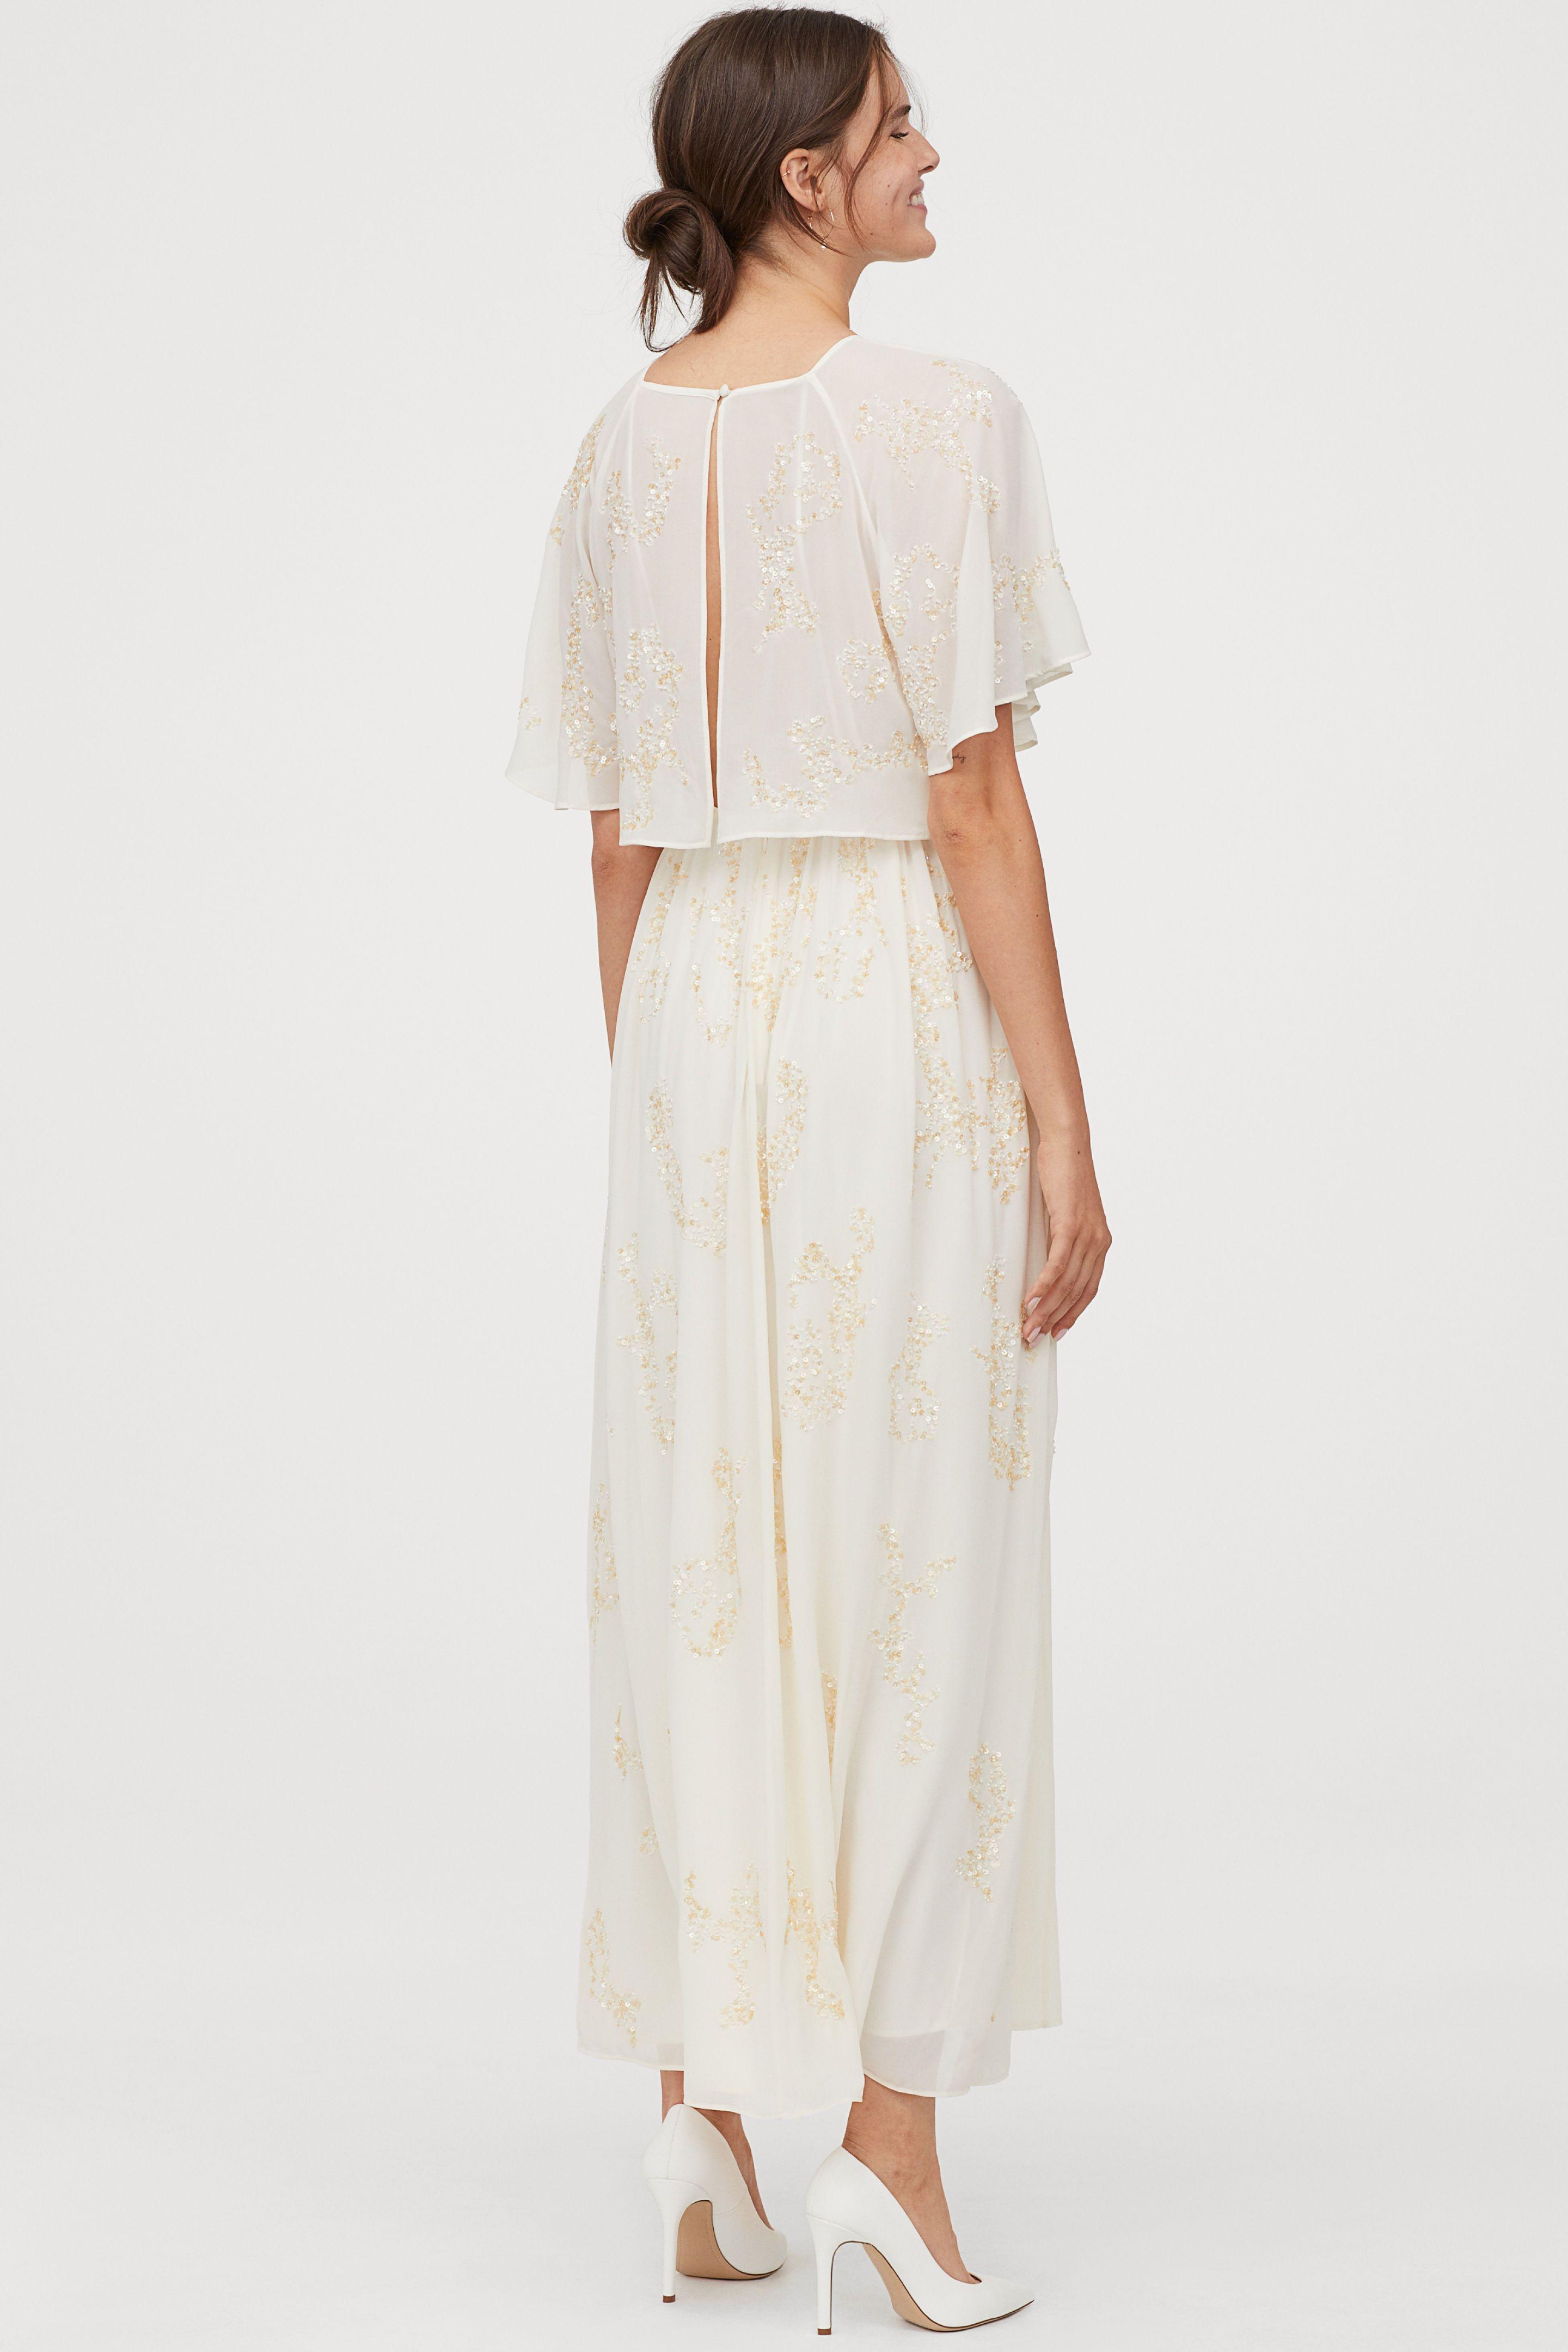 El Vestido De Novia De Hm Más Bonito Vestidos Novia Low Cost